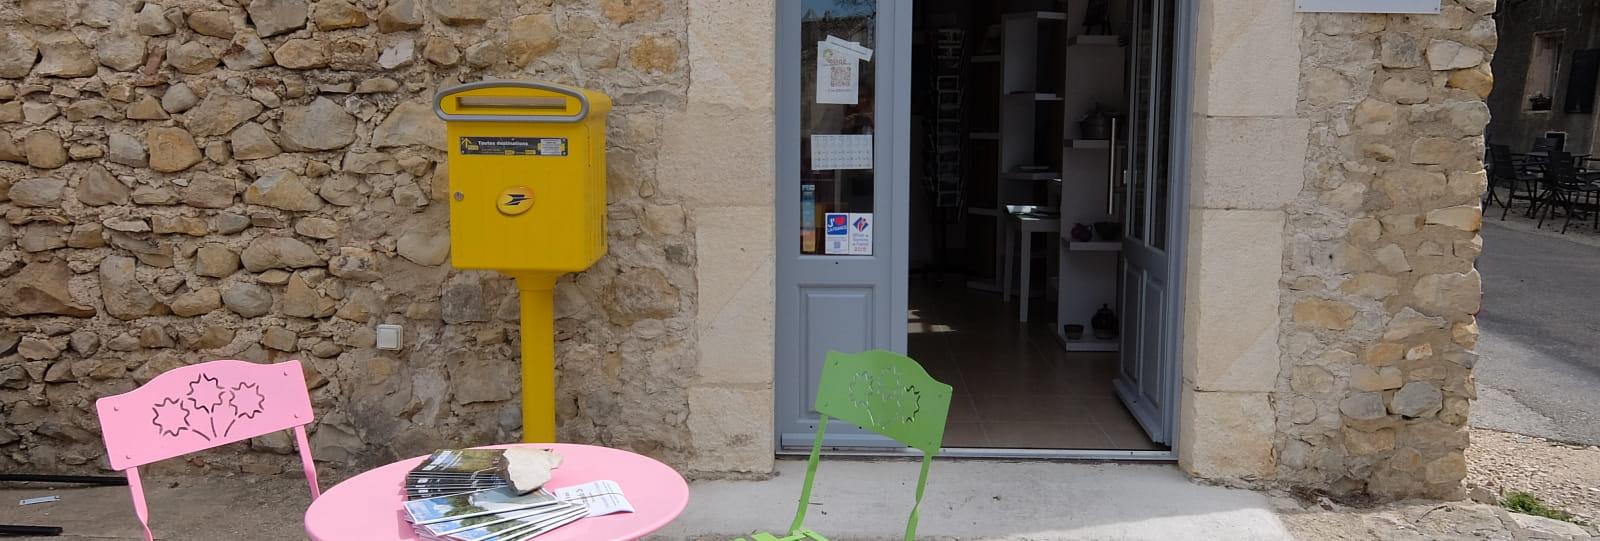 Office de Tourisme Val de Drôme Antenne de Mirmande